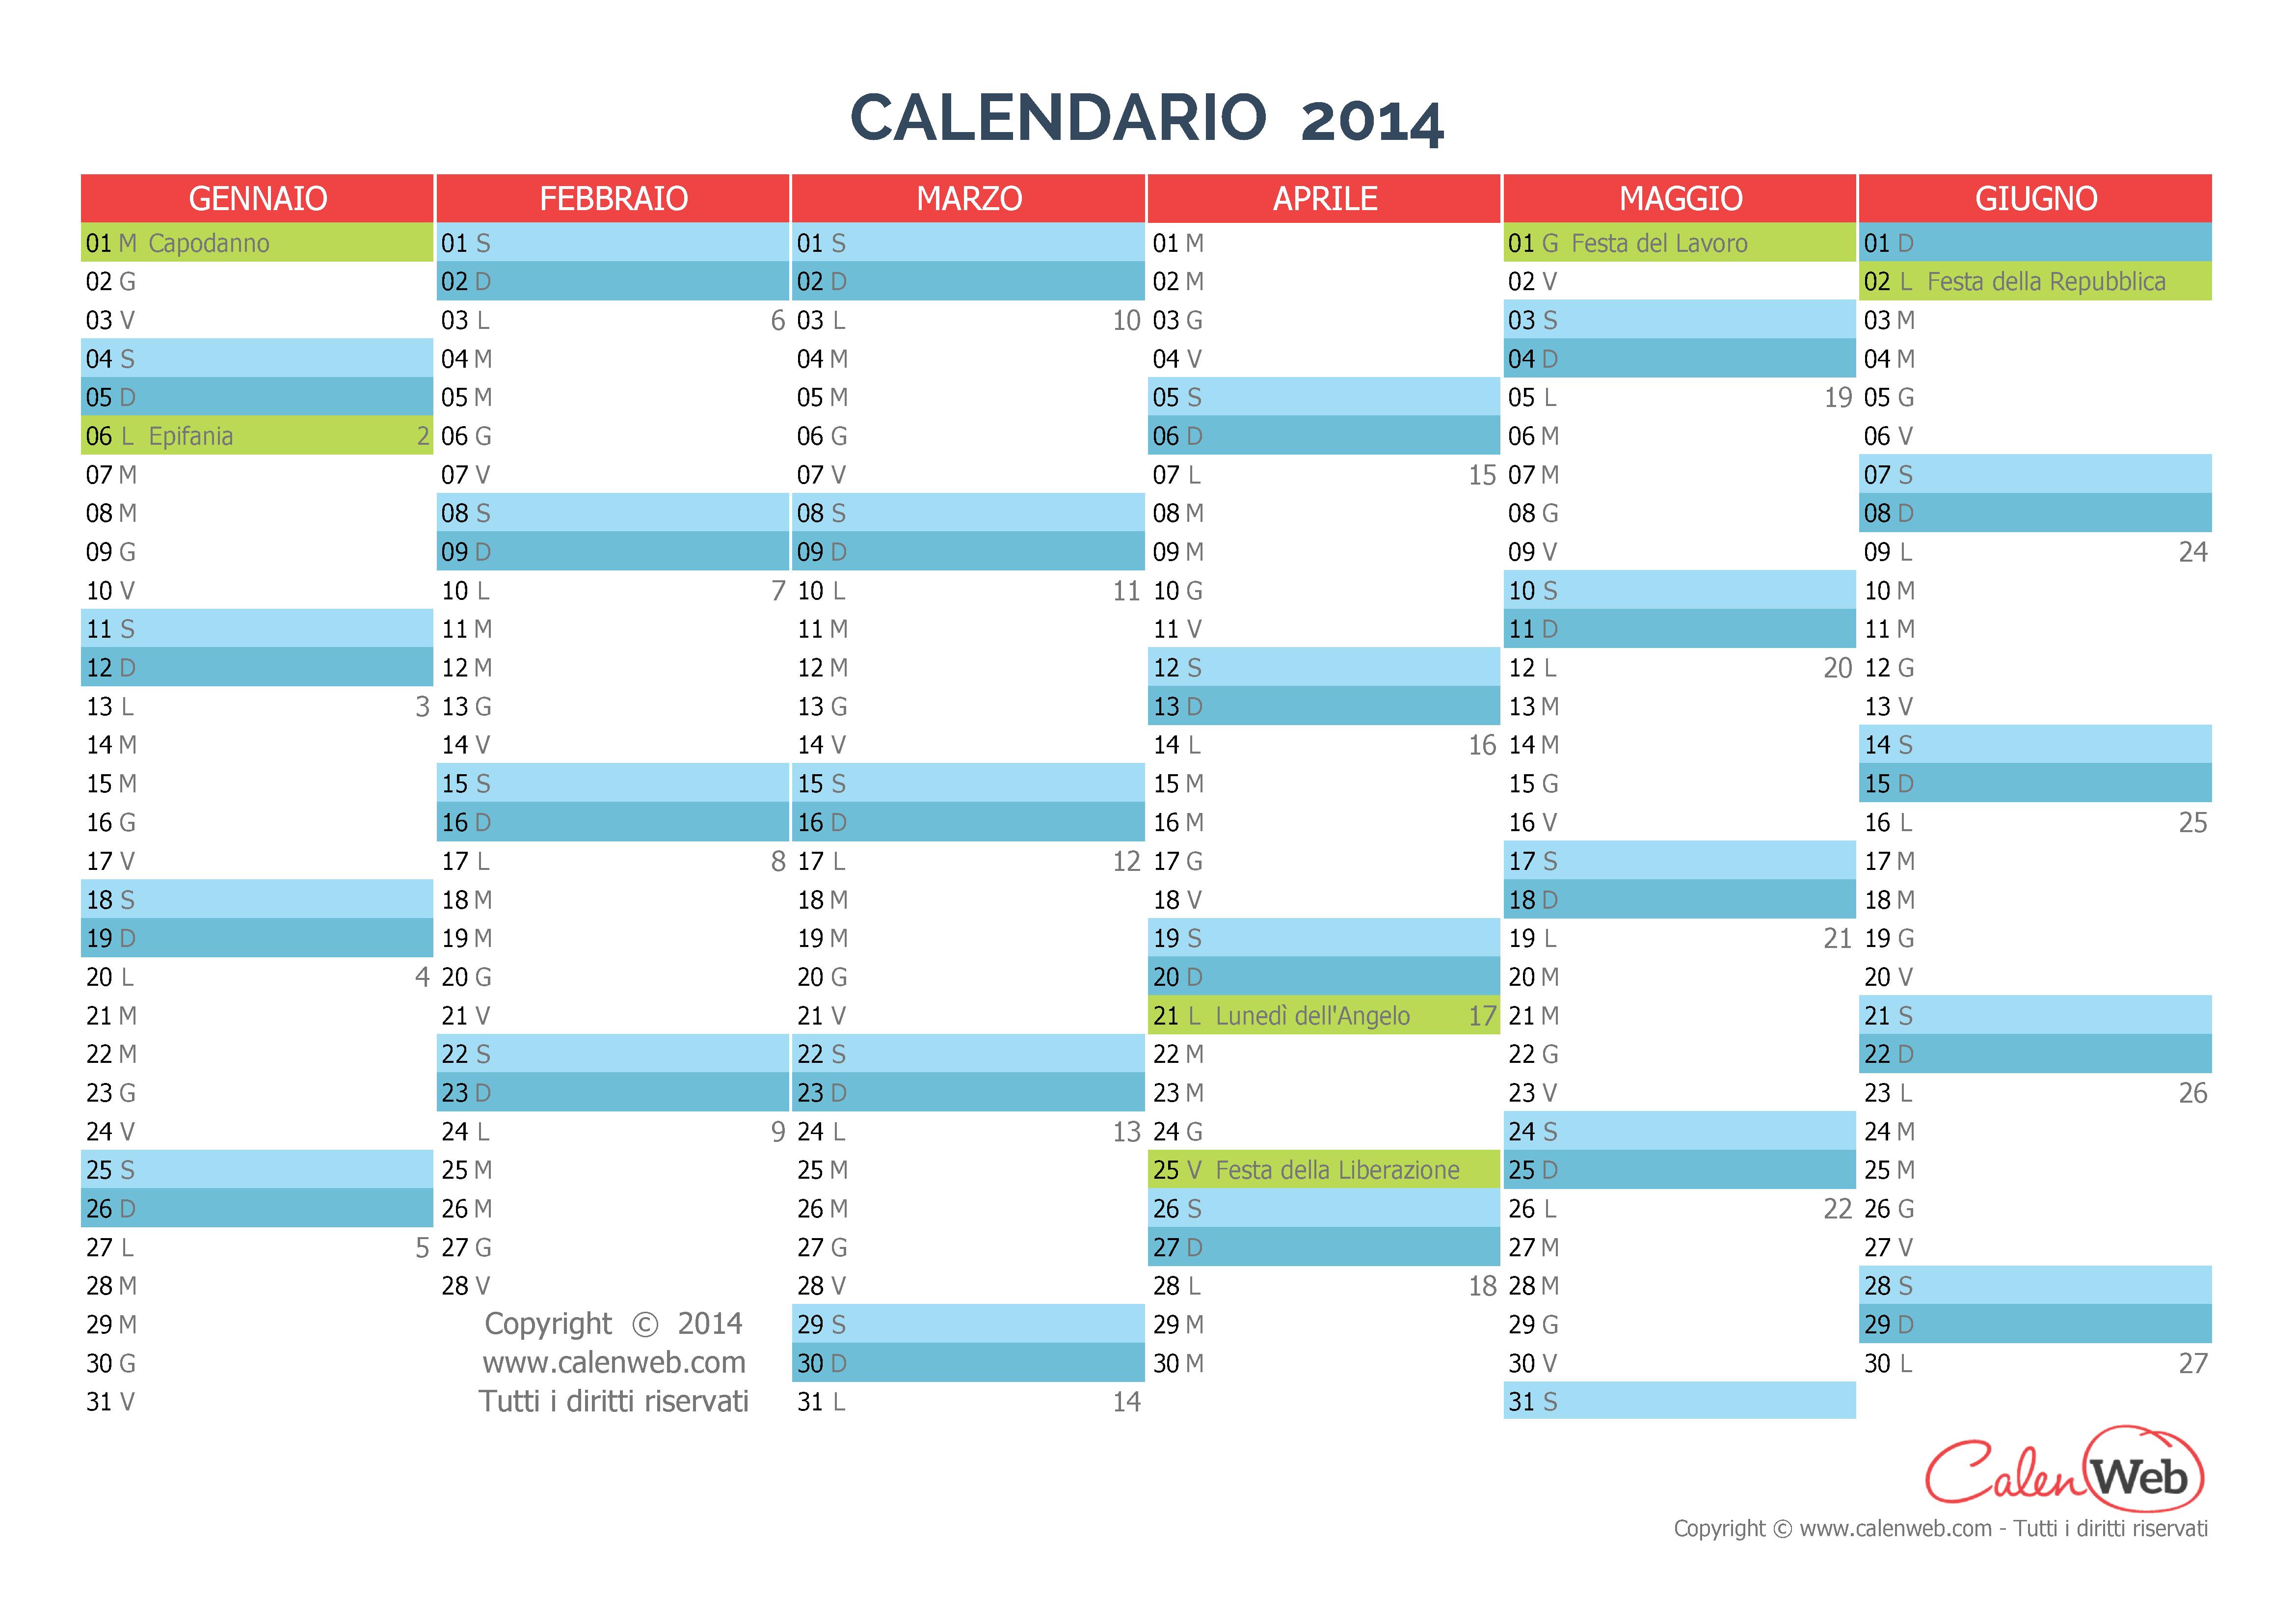 Calendario Anno 2014.Calendario Semestrale Anno 2014 Con Le Festivita Italiane